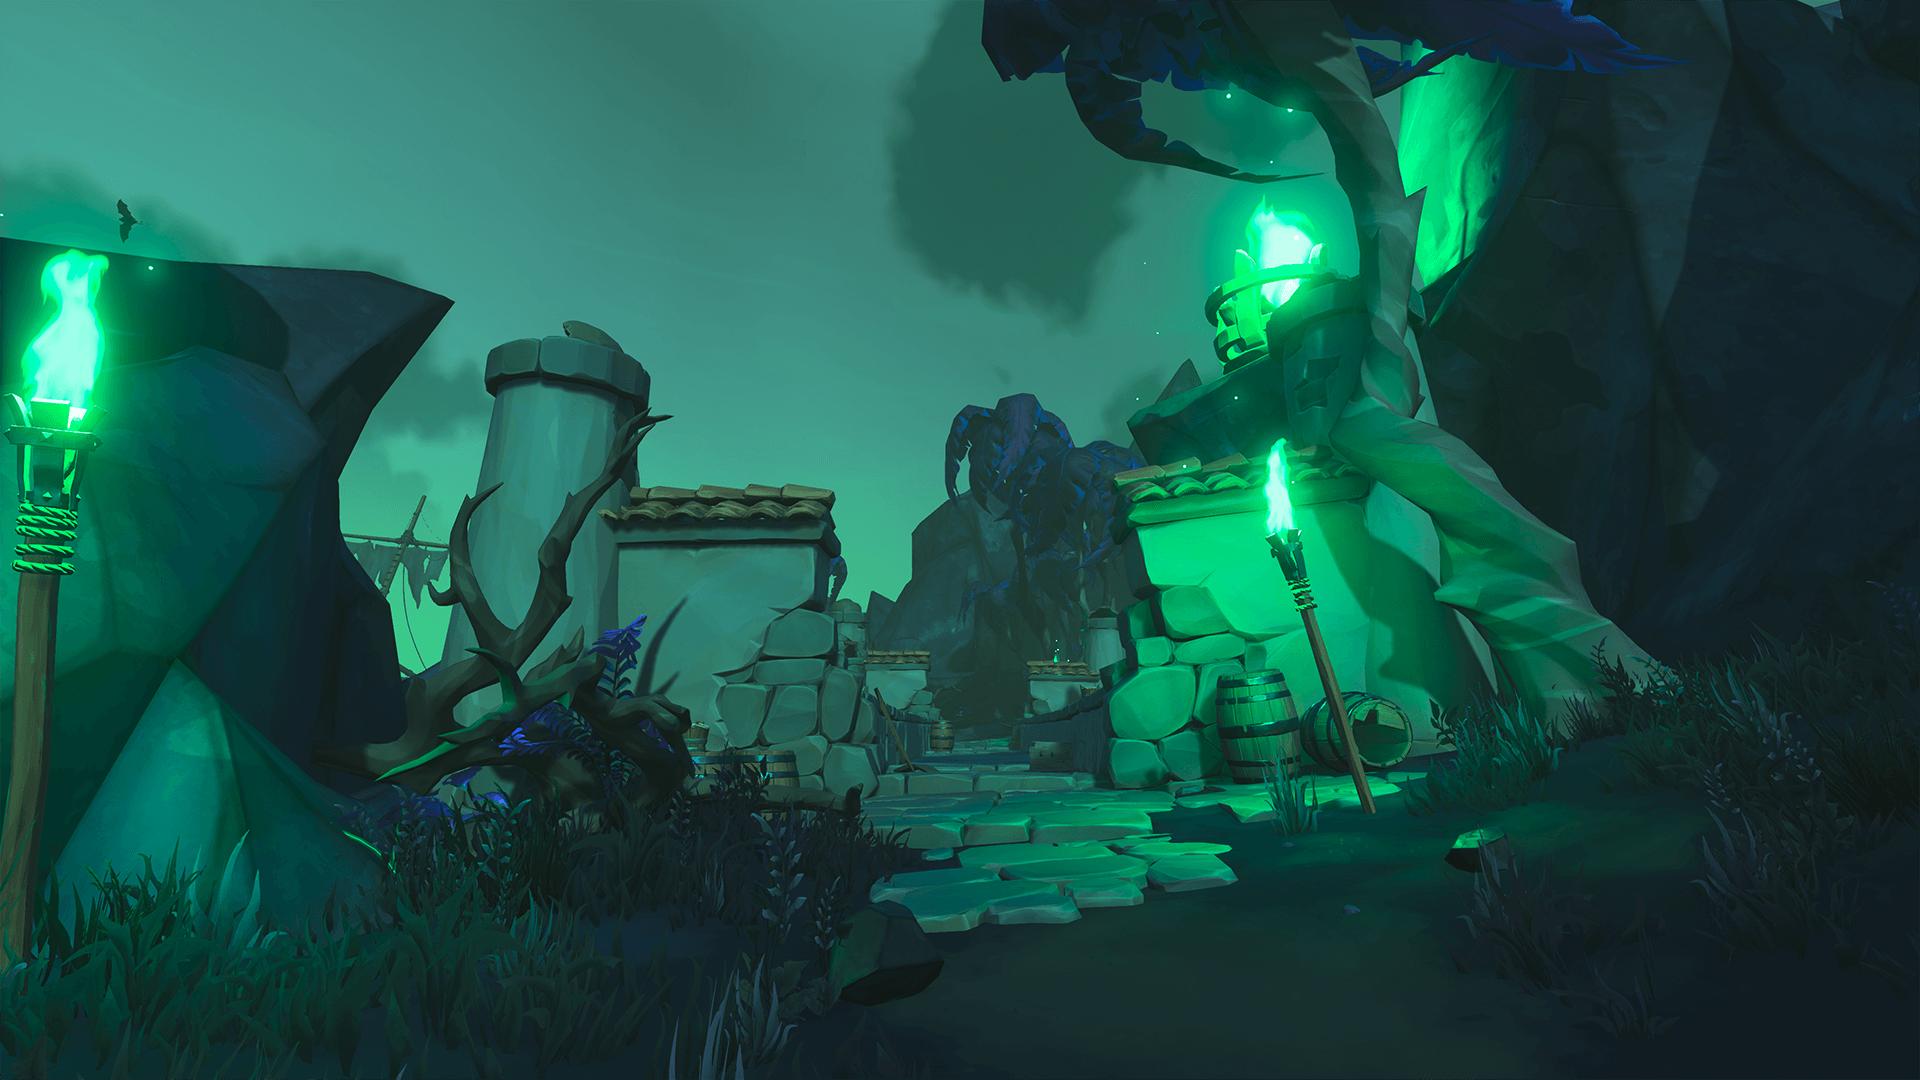 Secret of the Grave Entrance